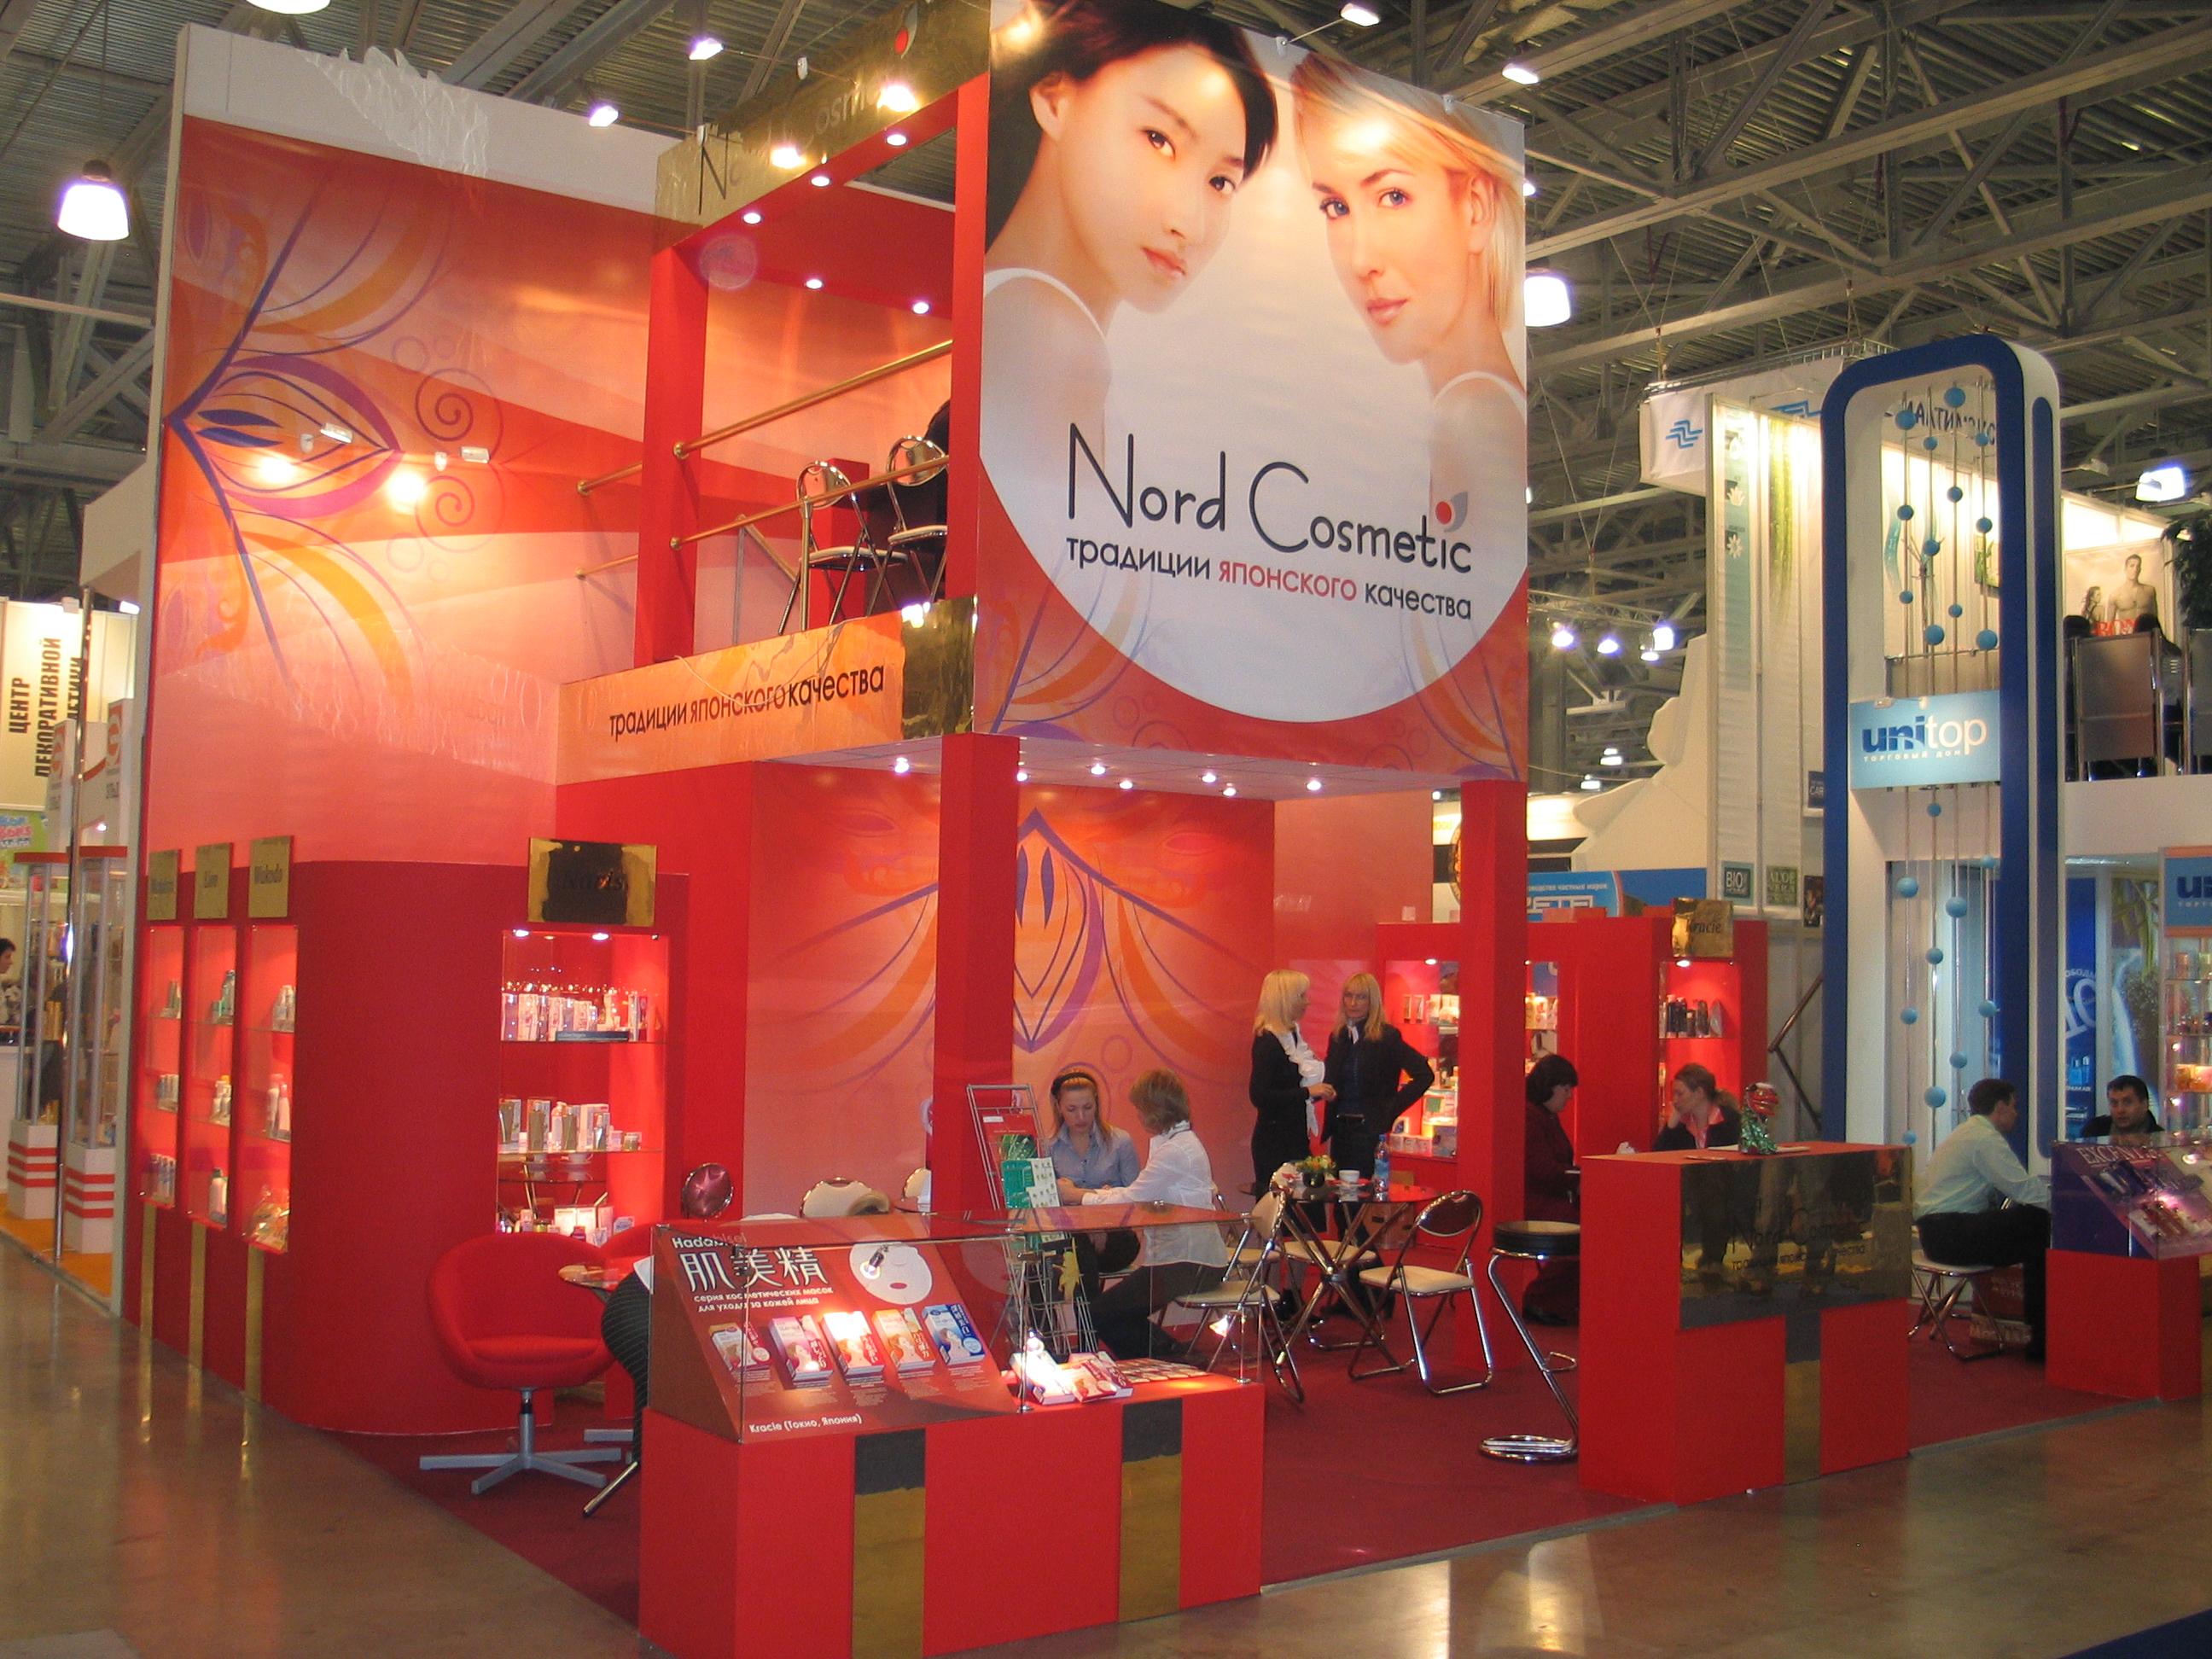 Оформление выставочных стендов с косметикой